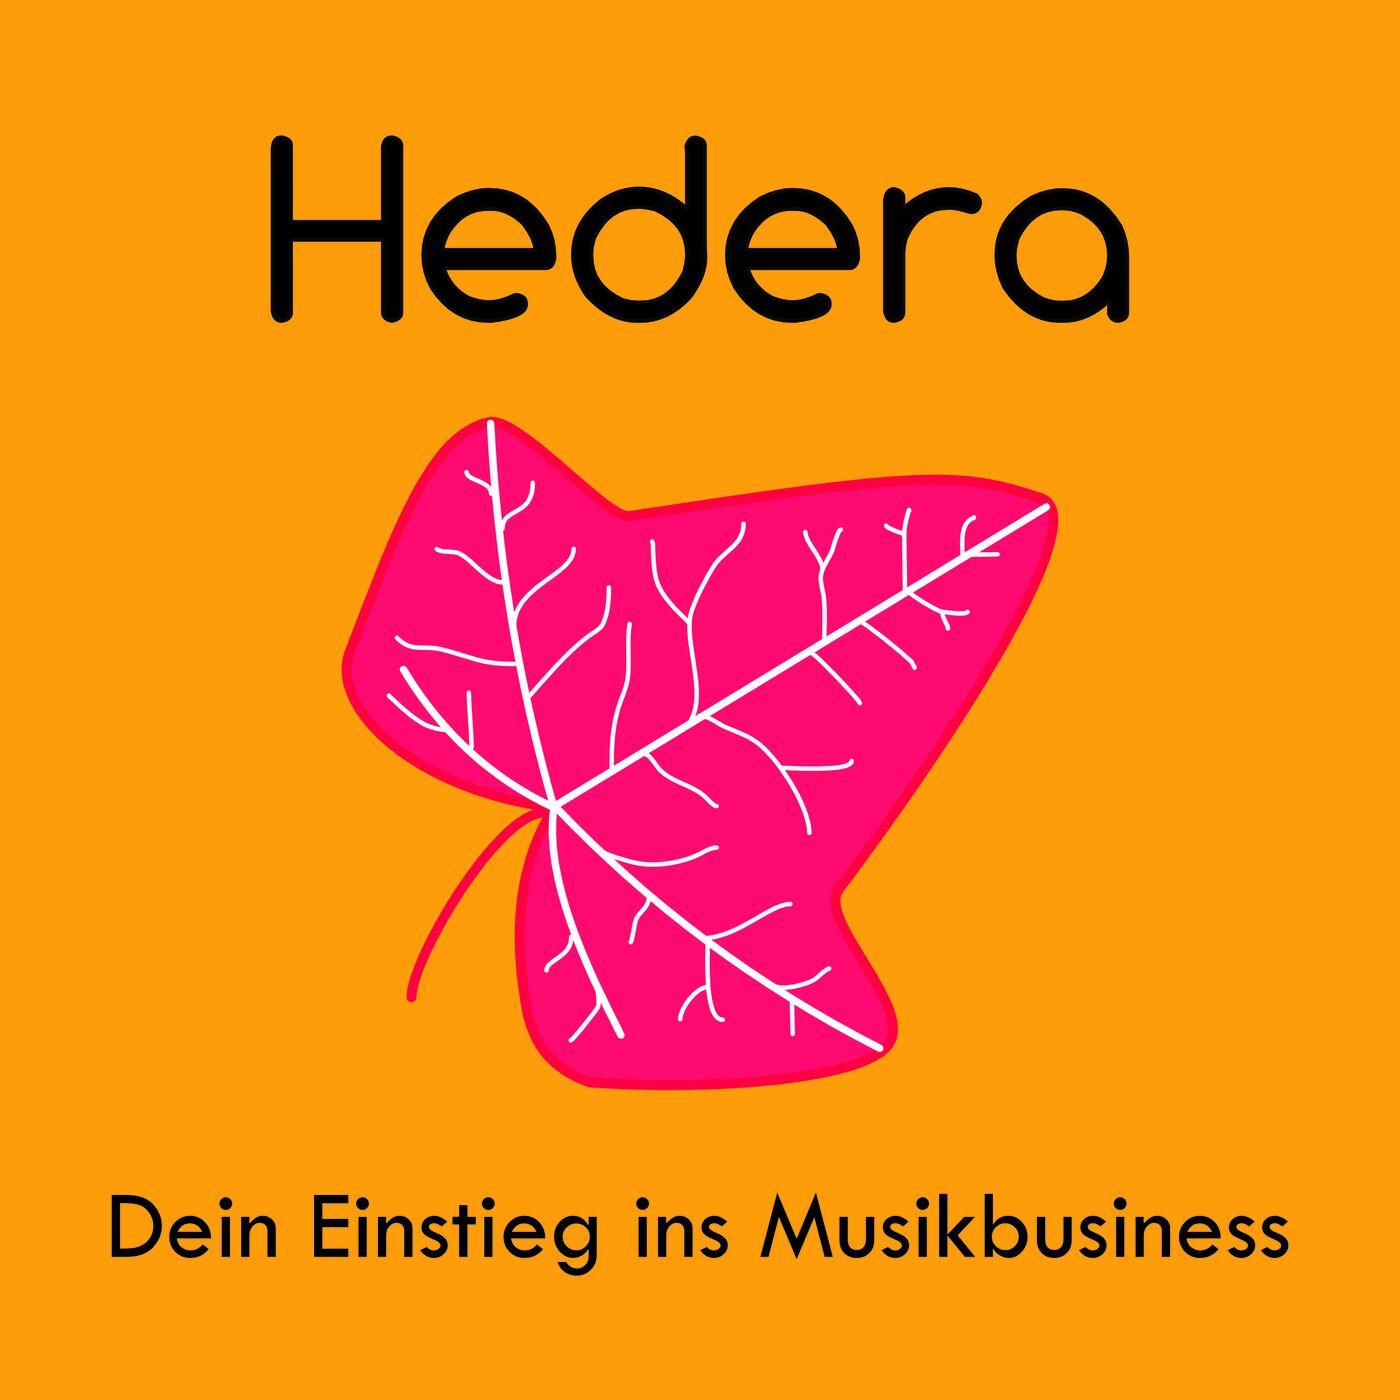 #1 Willkommen bei 'Hedera - Dein Einstieg ins Musikbusiness'